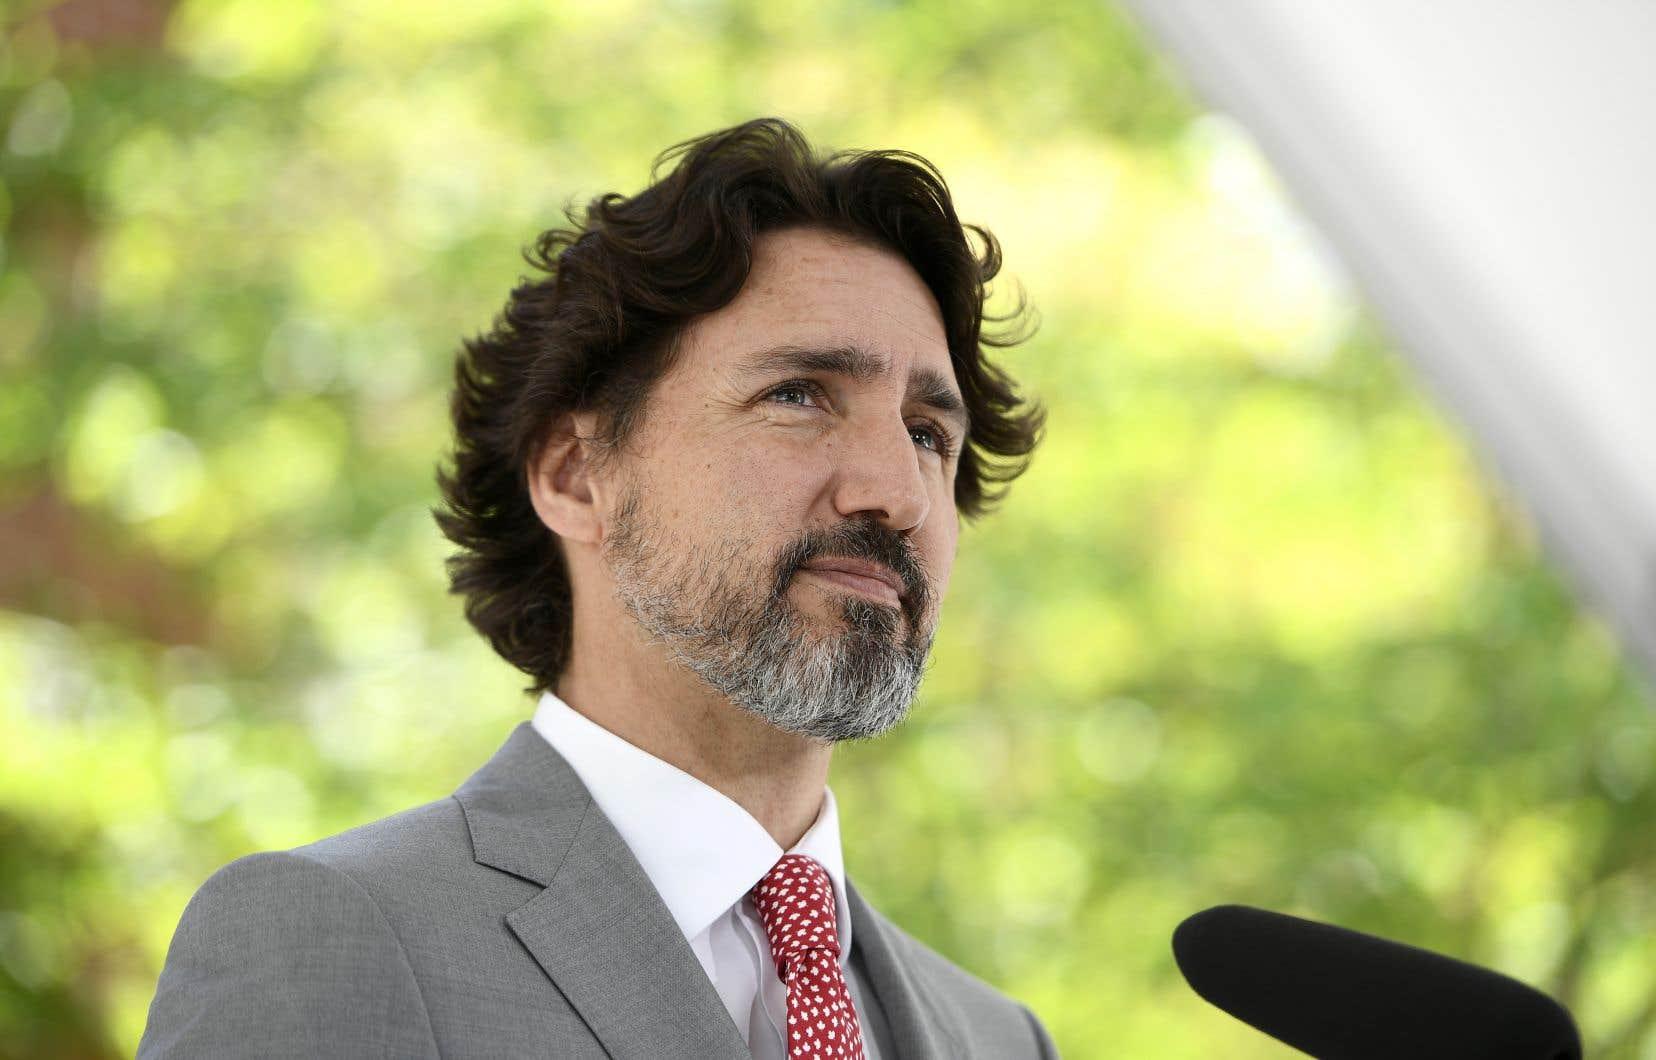 «On est en train de parler avec les compagnies aériennes, a dit JustinTrudeau. On entend ces préoccupations des Canadiens qui veulent ravoir leur argent, mais qui veulent aussi qu'on ait une industrie aérienne dans l'avenir dont on va avoir besoin. Trouver ce juste équilibre va être très important.»